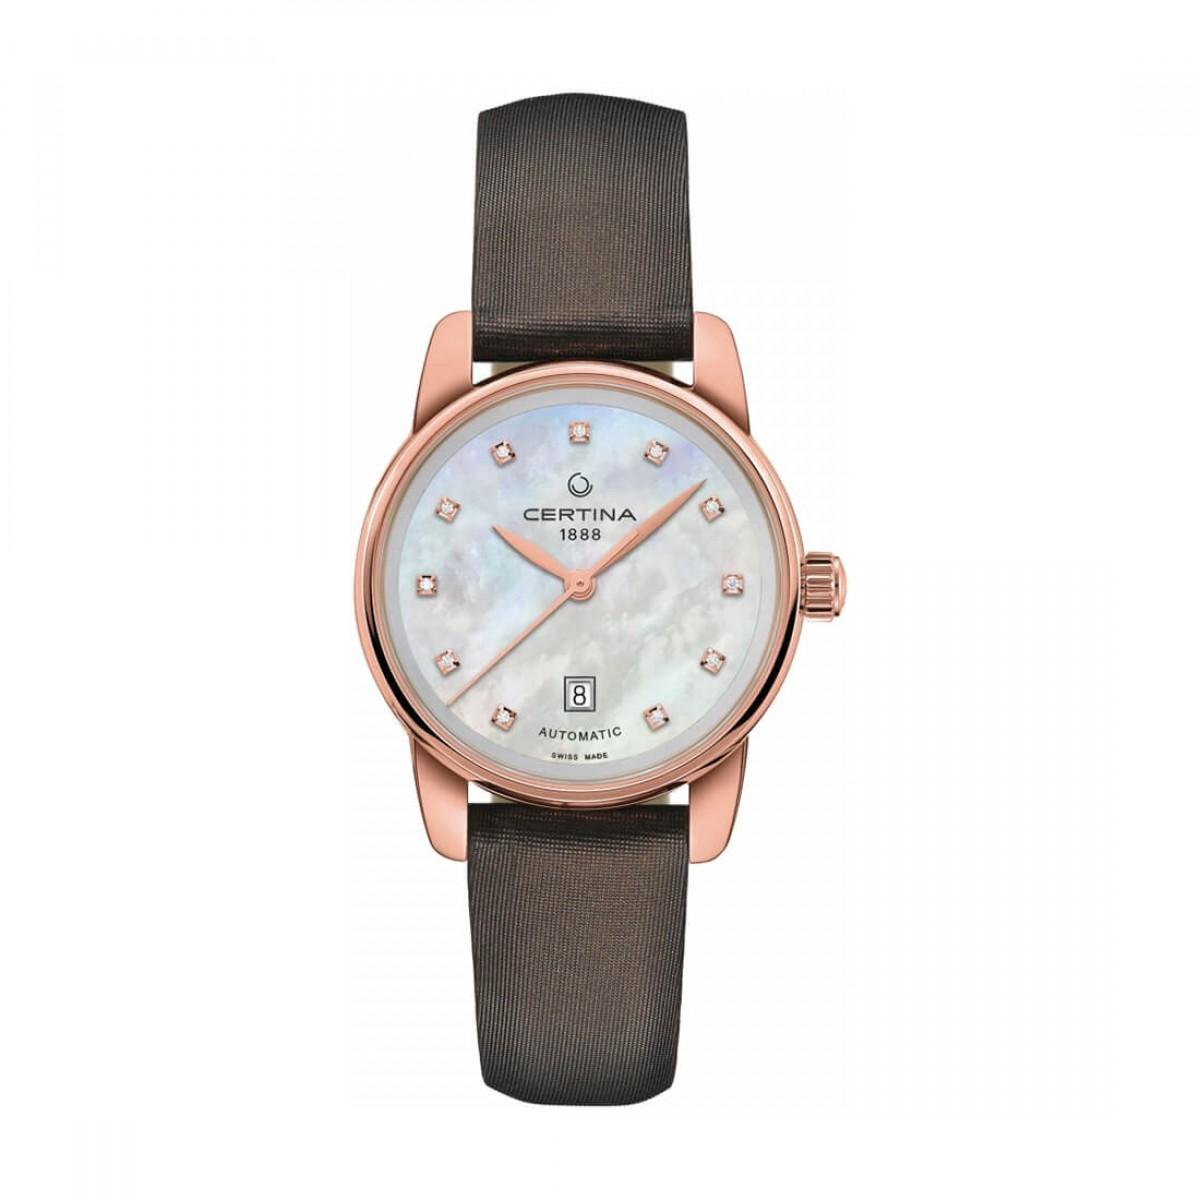 Часовник Certina C001.007.36.116.02